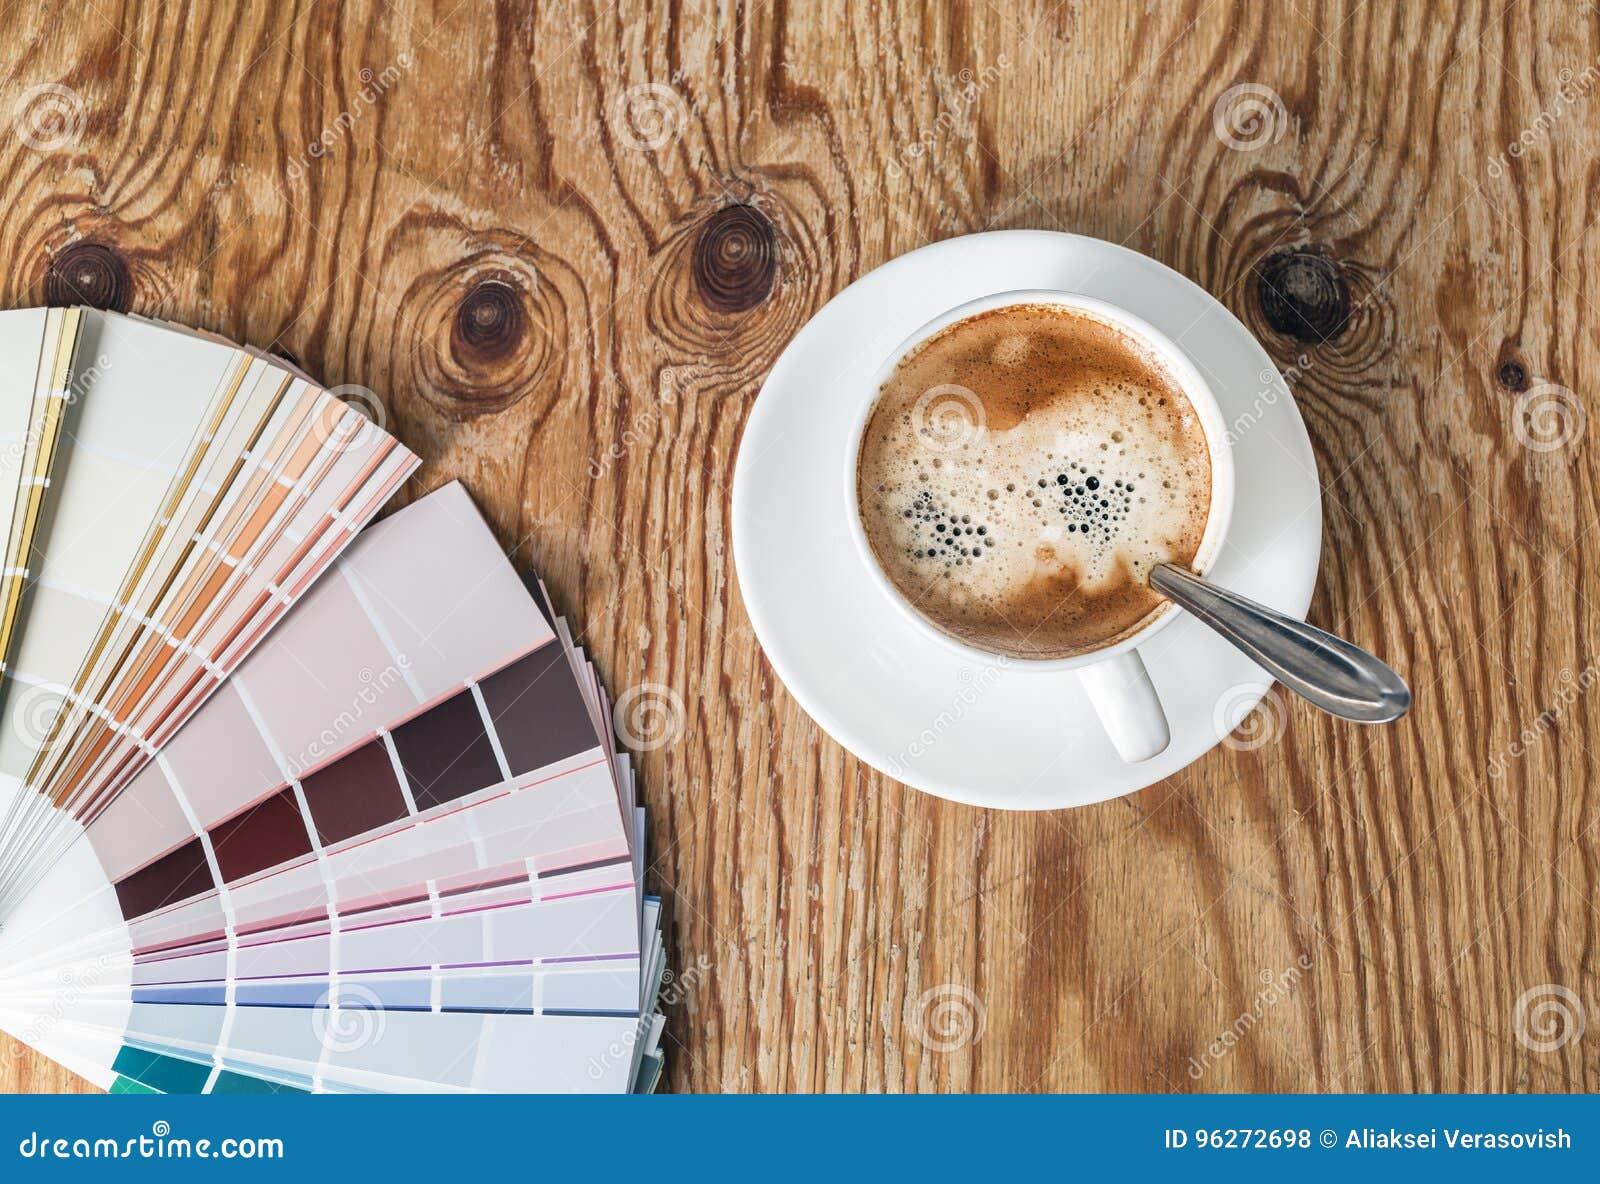 Farbpalette und Kaffeetasse